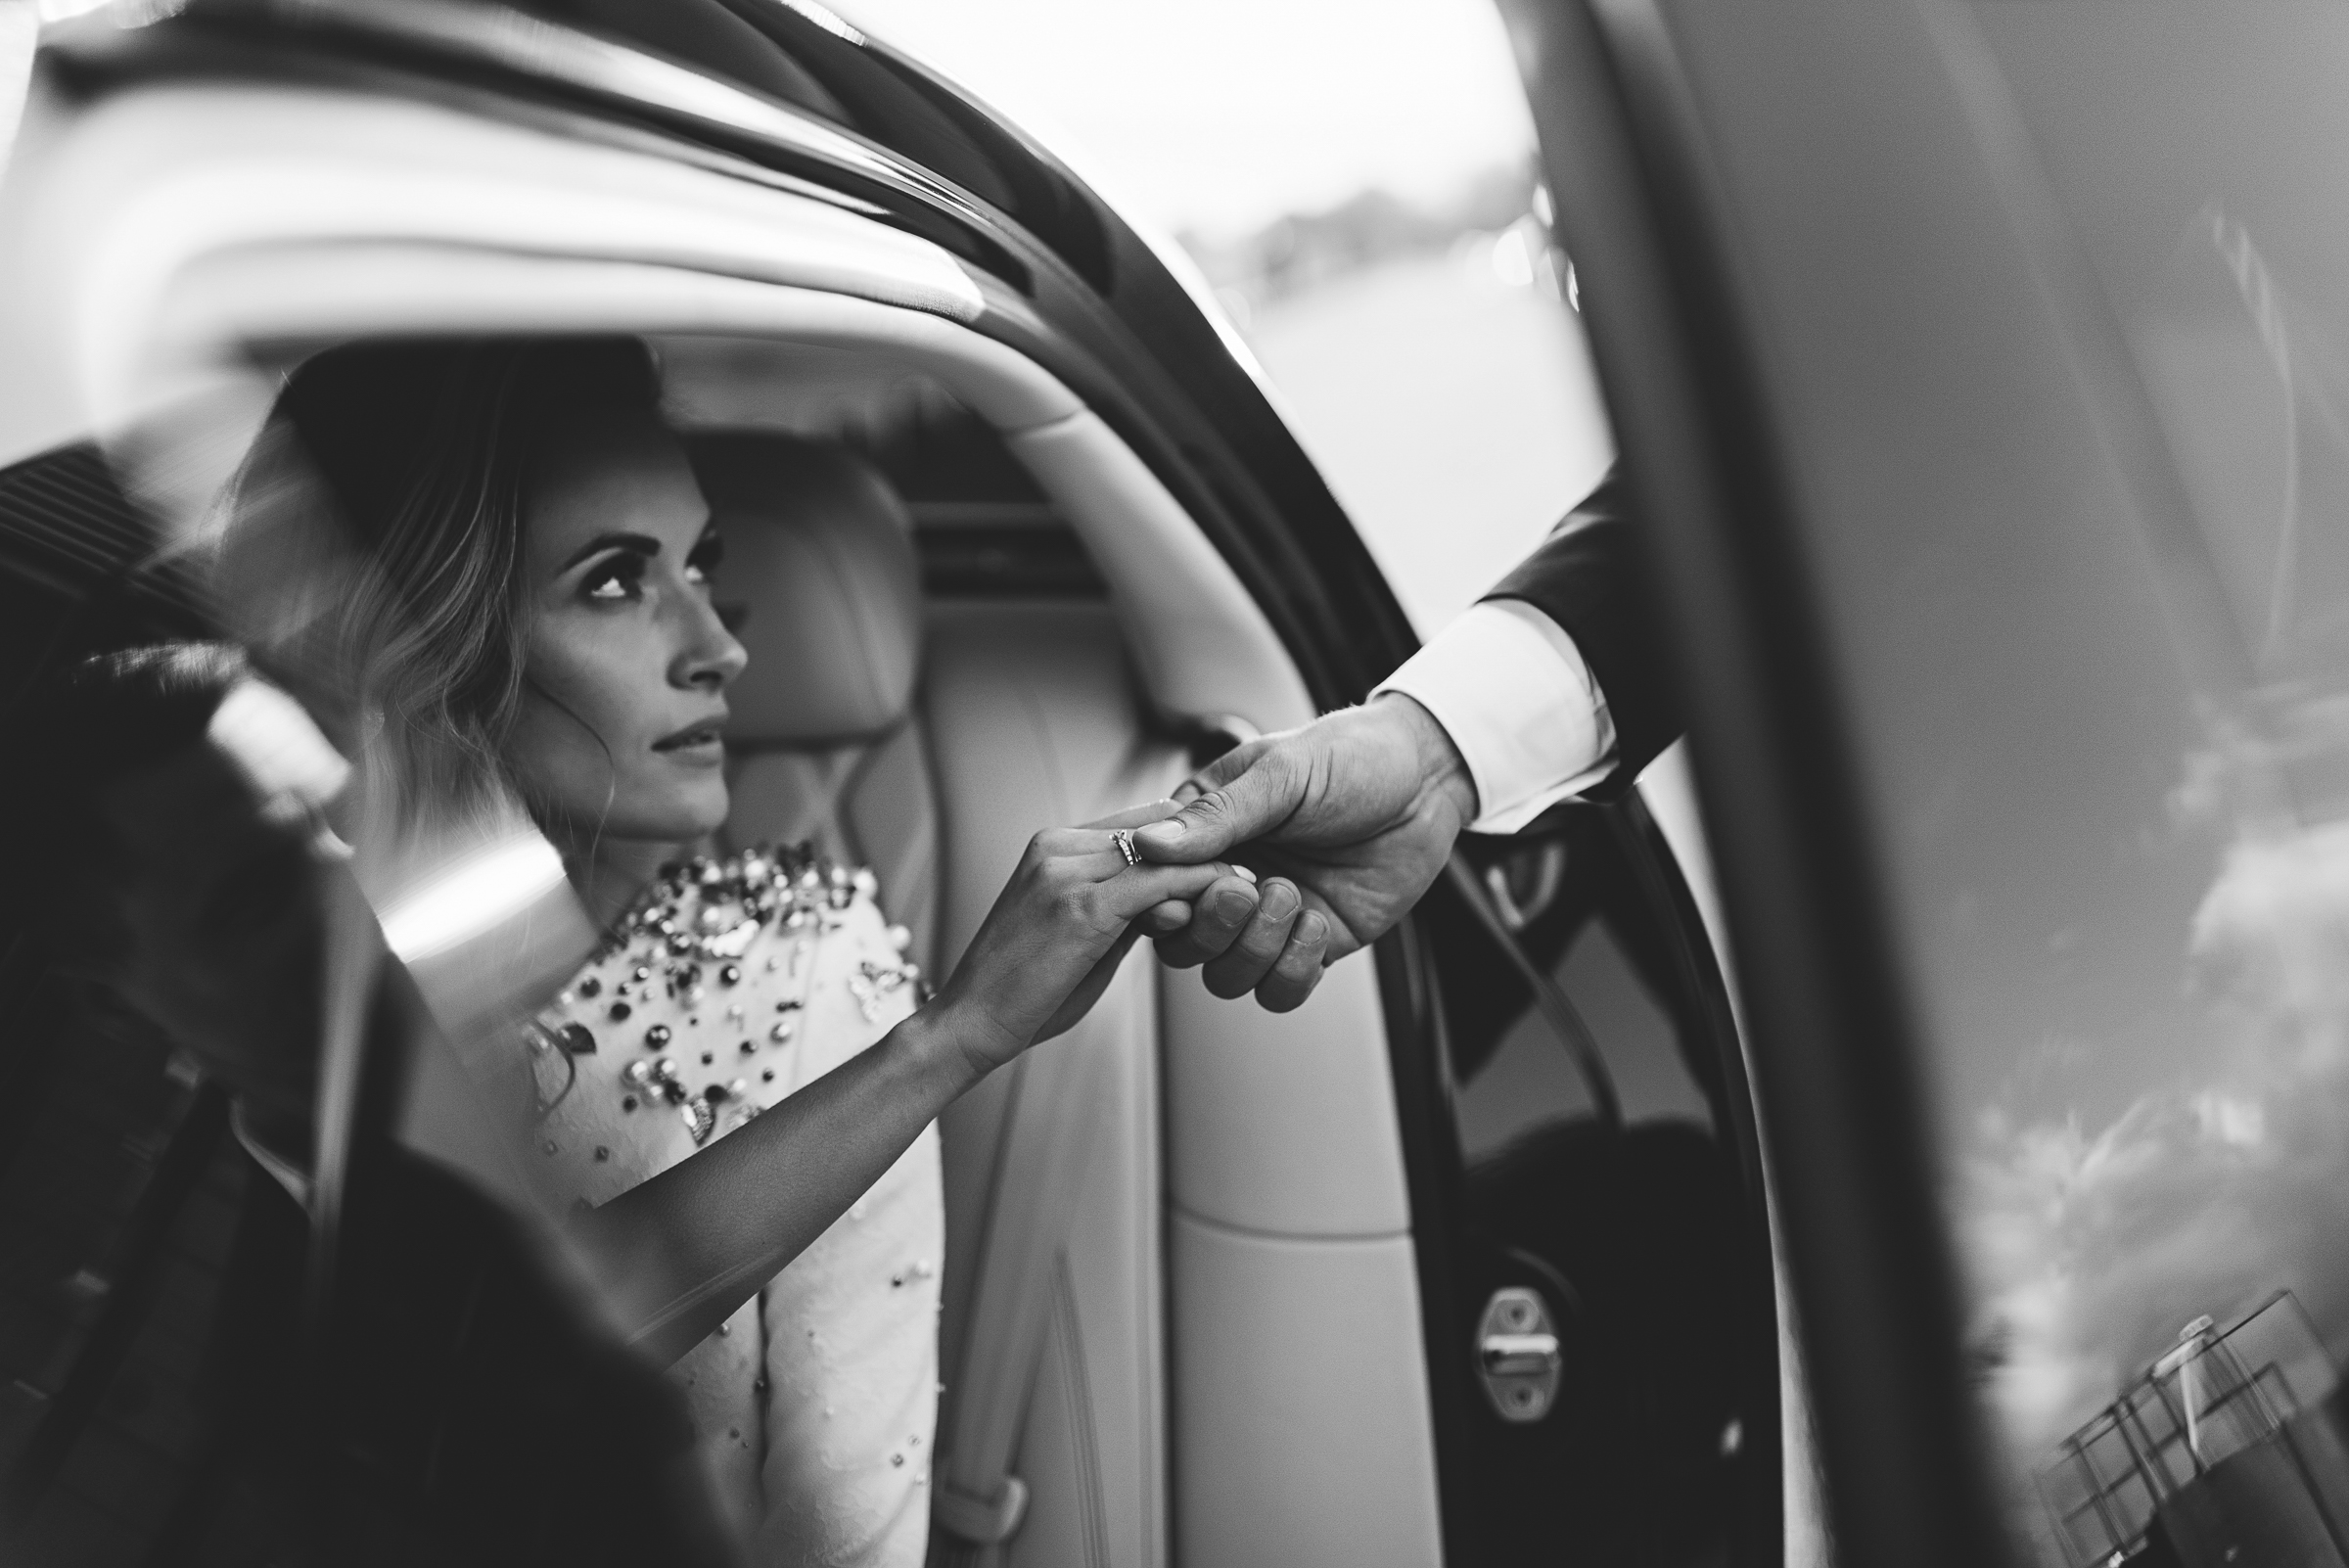 Kodėl vestuvių fotografo kaina tokia (ne)didelė?